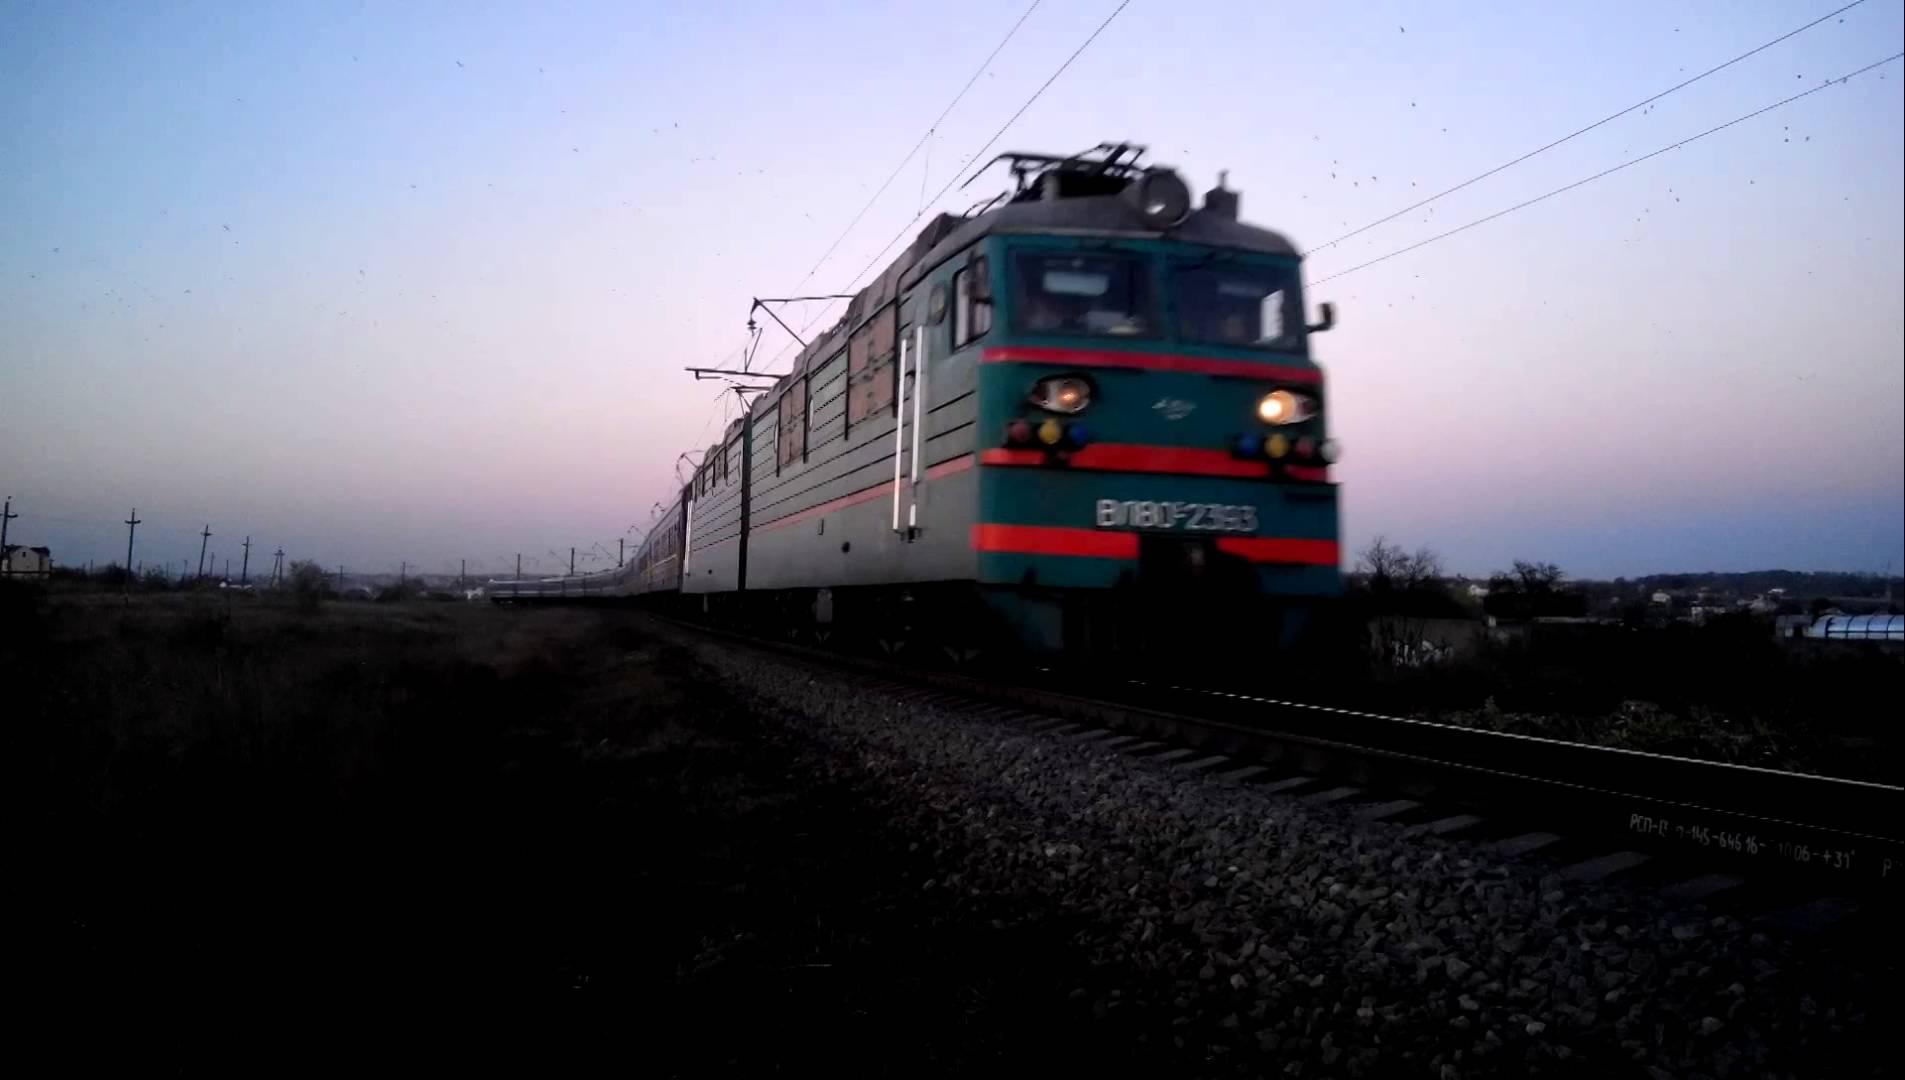 Страшное ЧП случилось на железной дороге